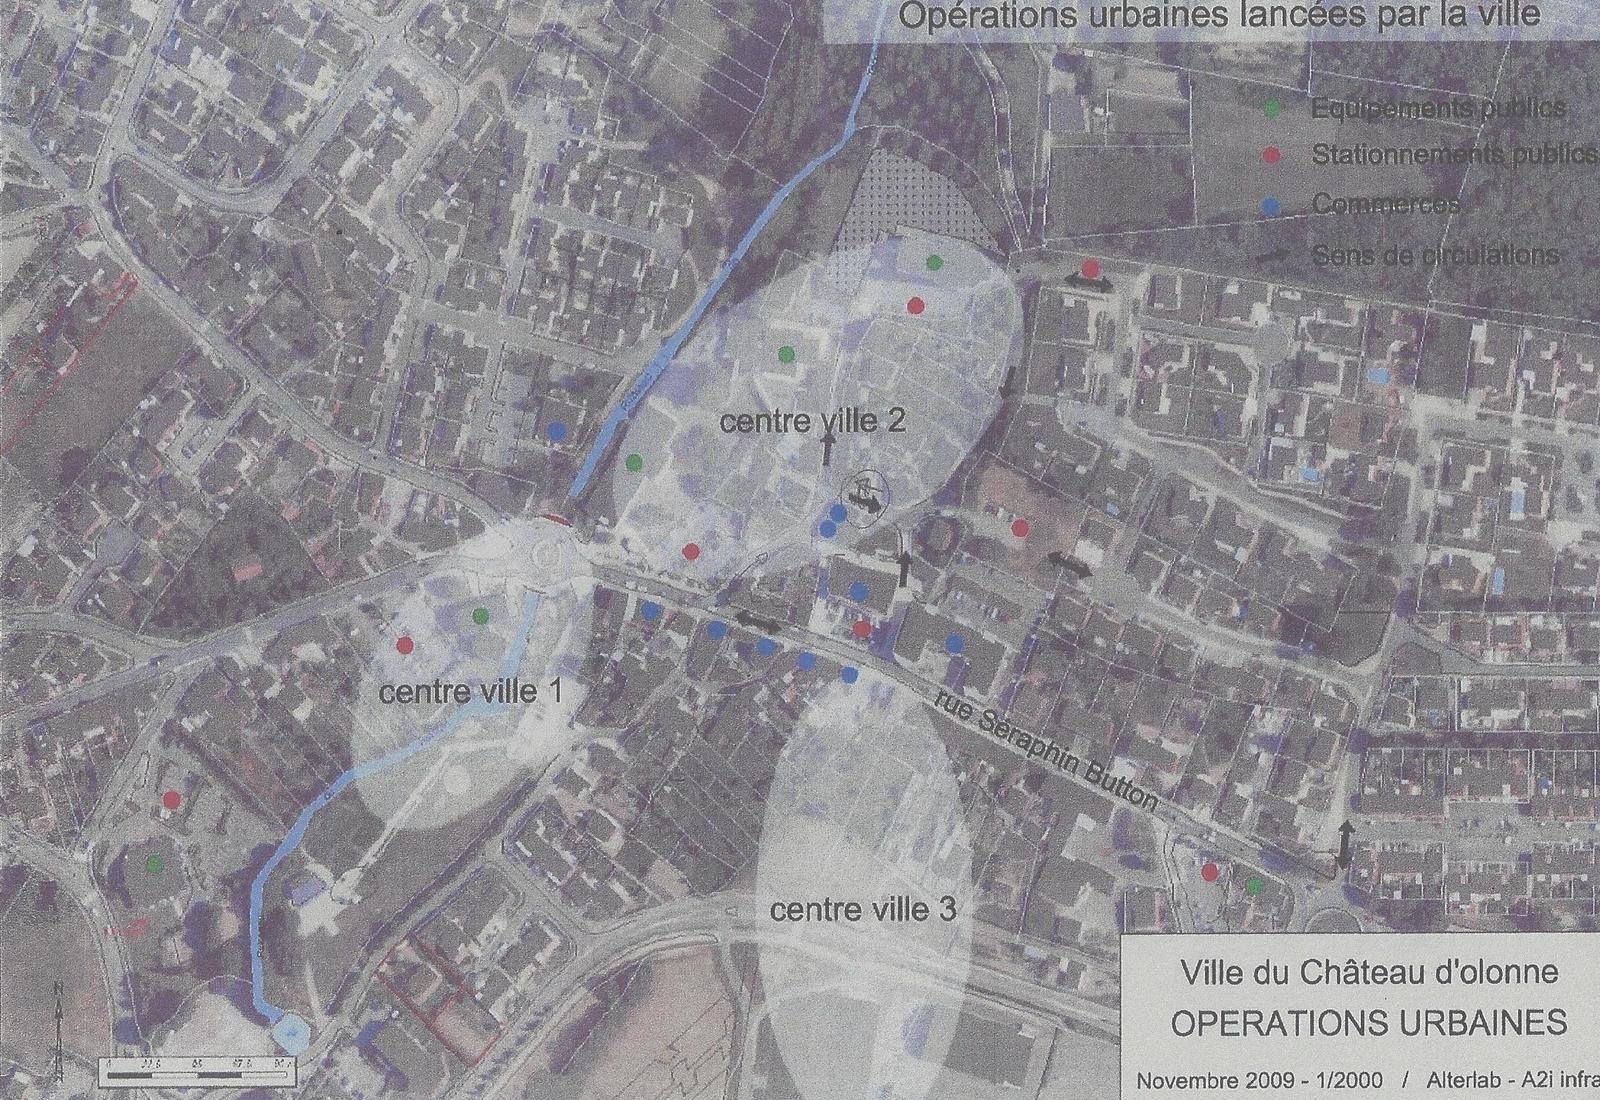 Une étude abandonnée en 2009